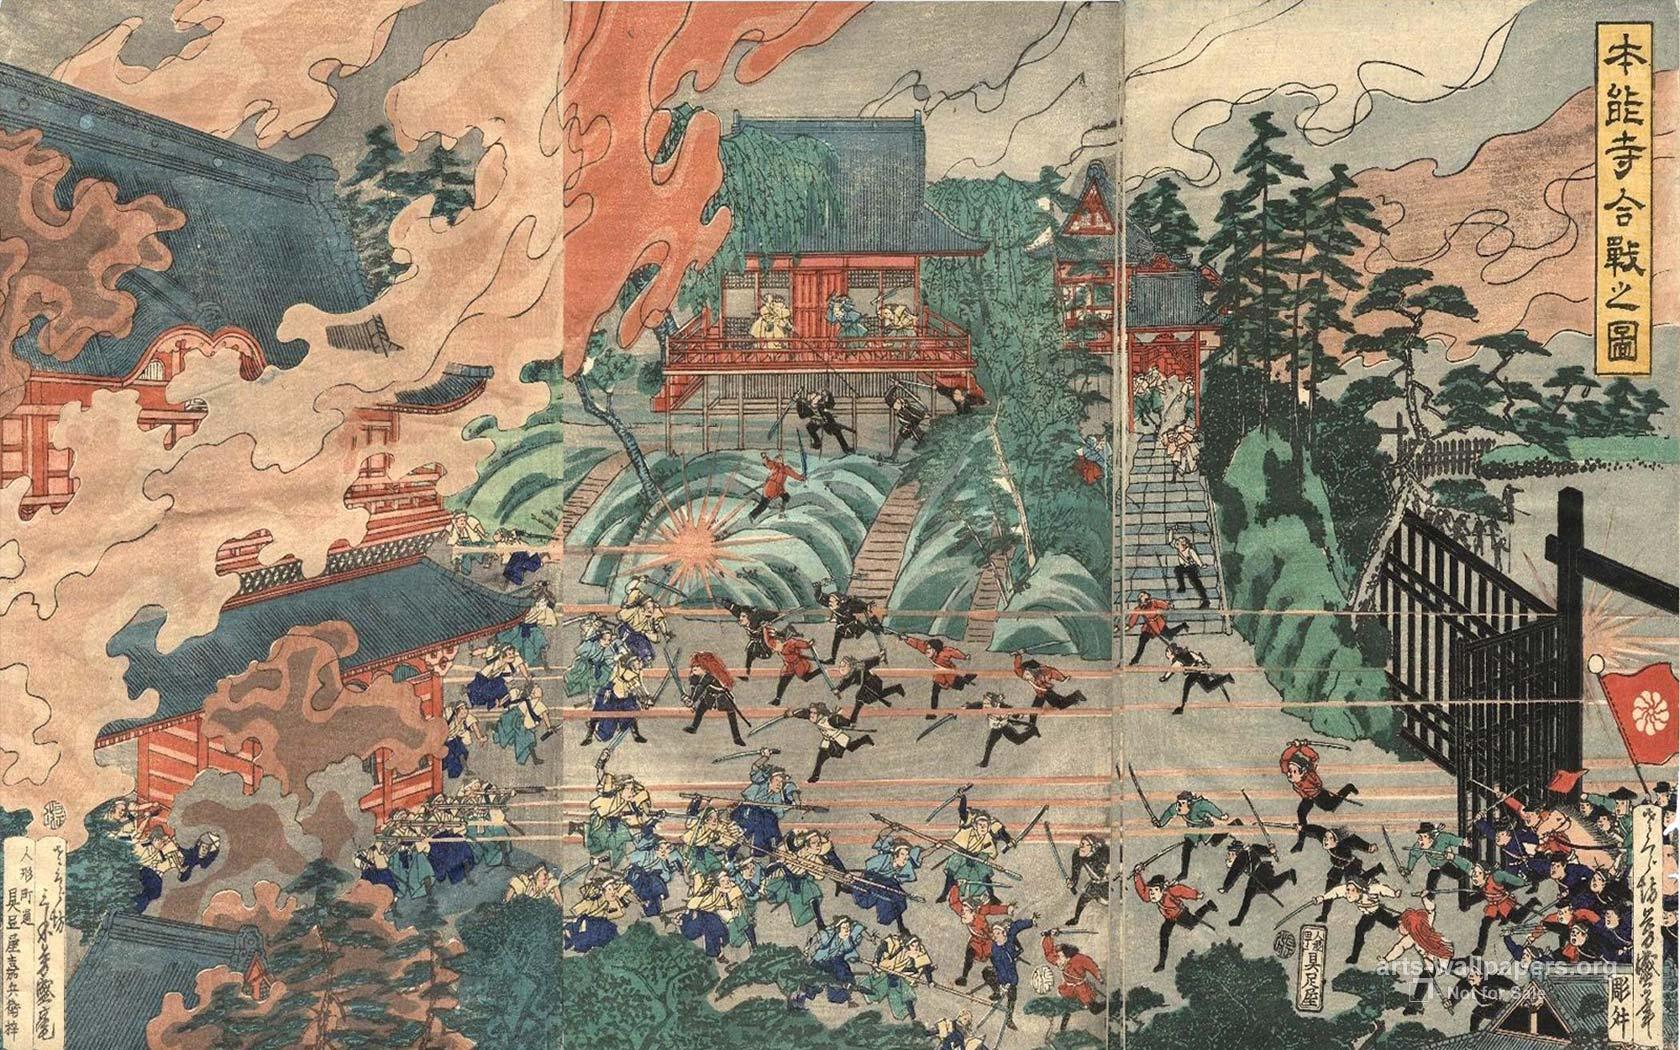 1680x1050 Playerunknowns Battlegrounds Artwork 1680x1050: Japanese Art Wallpapers